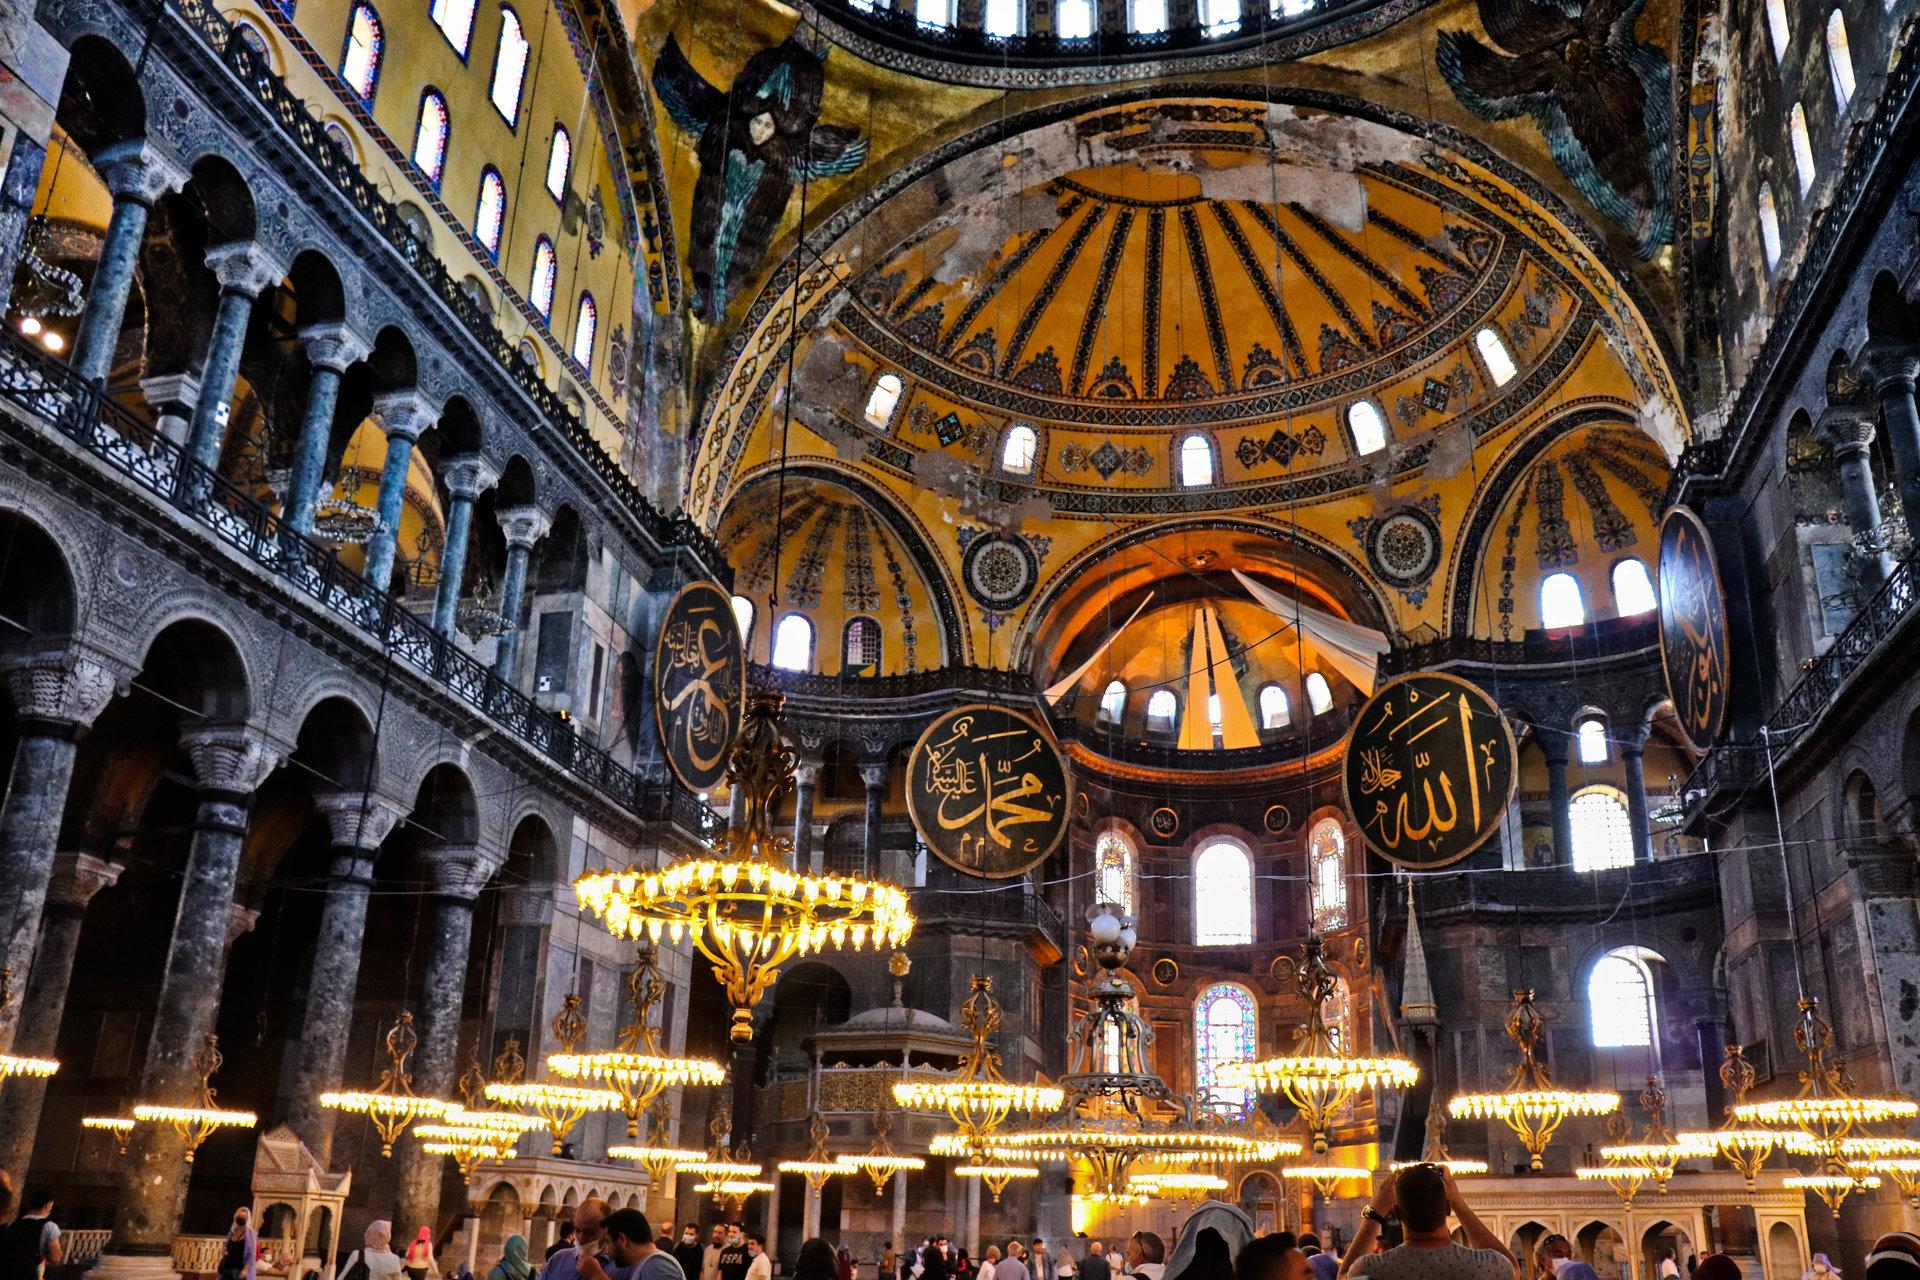 Ориента в Архитектура - Св. София - Истанбул   Author Miroslav Milev - Milevphoto   PHOTO FORUM